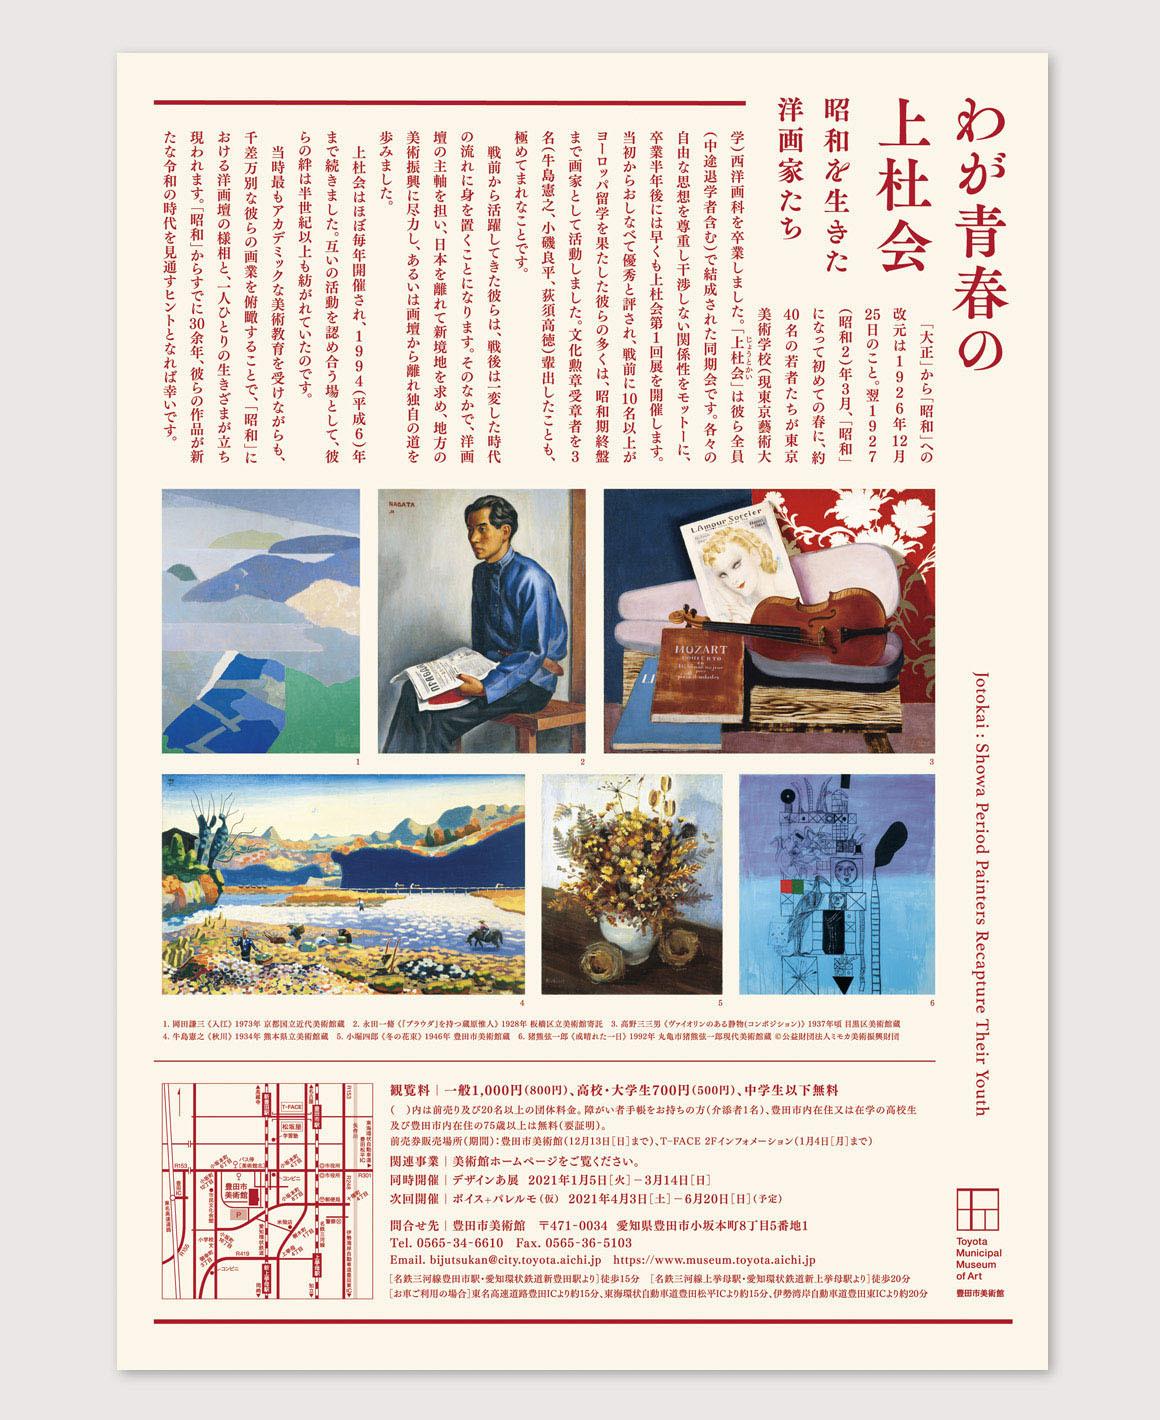 WORKS|わが青春の上杜会_e0206124_18193961.jpg